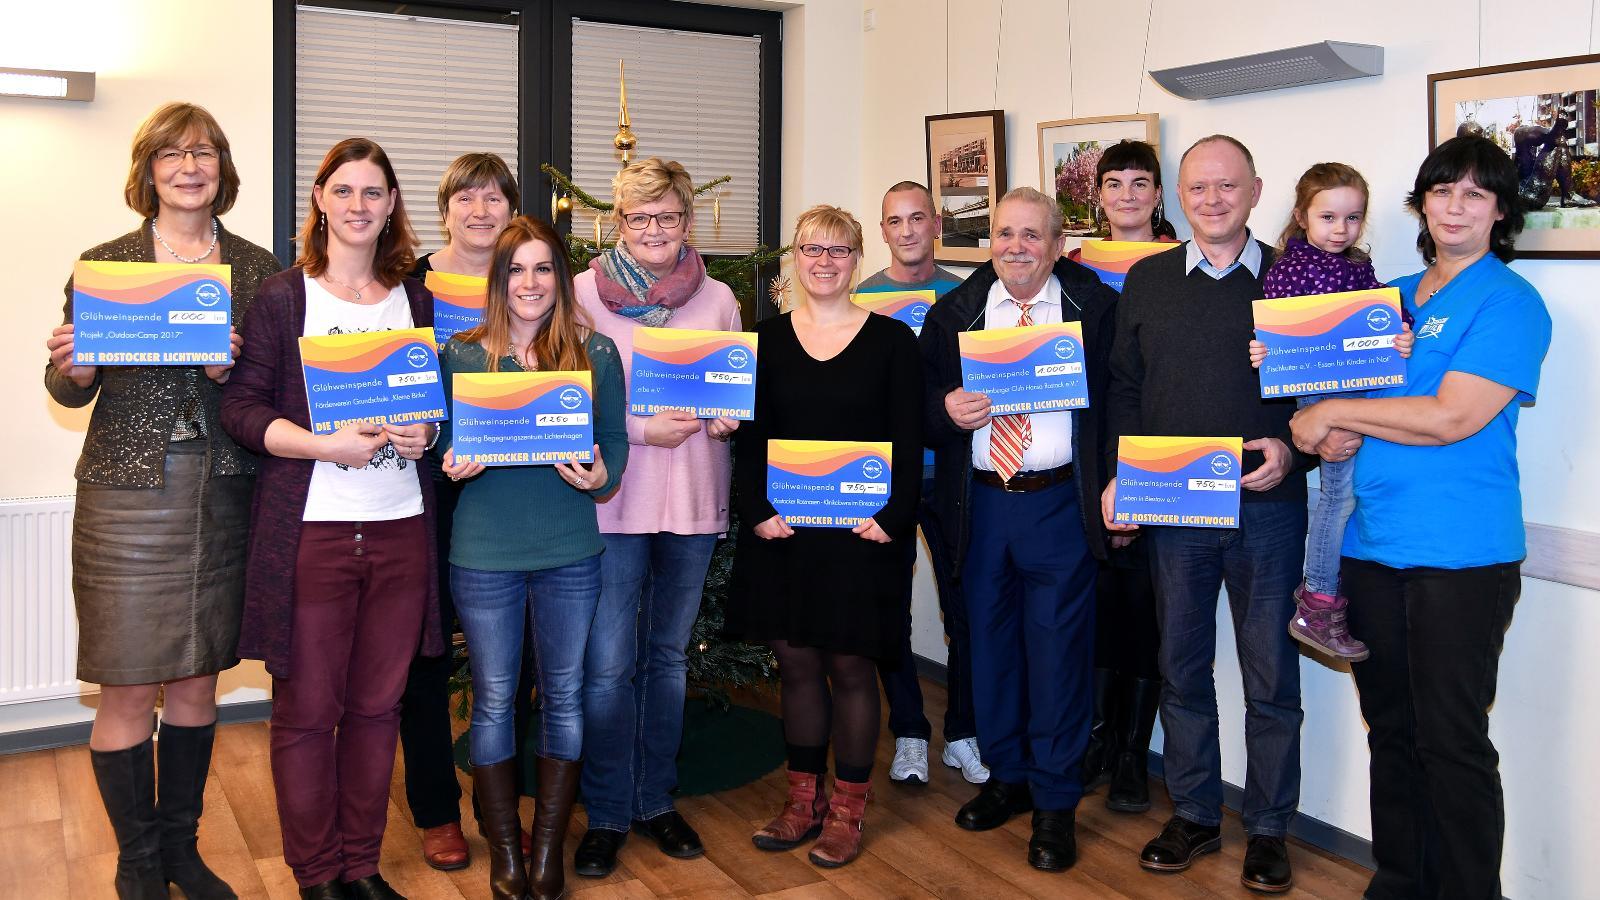 Vertreter der Vereine nehmen von Ute Römer (l.), Vorstand der Stadtwerke Rostock, die Spendenchecks entgegen. Foto: Joachim Kloock